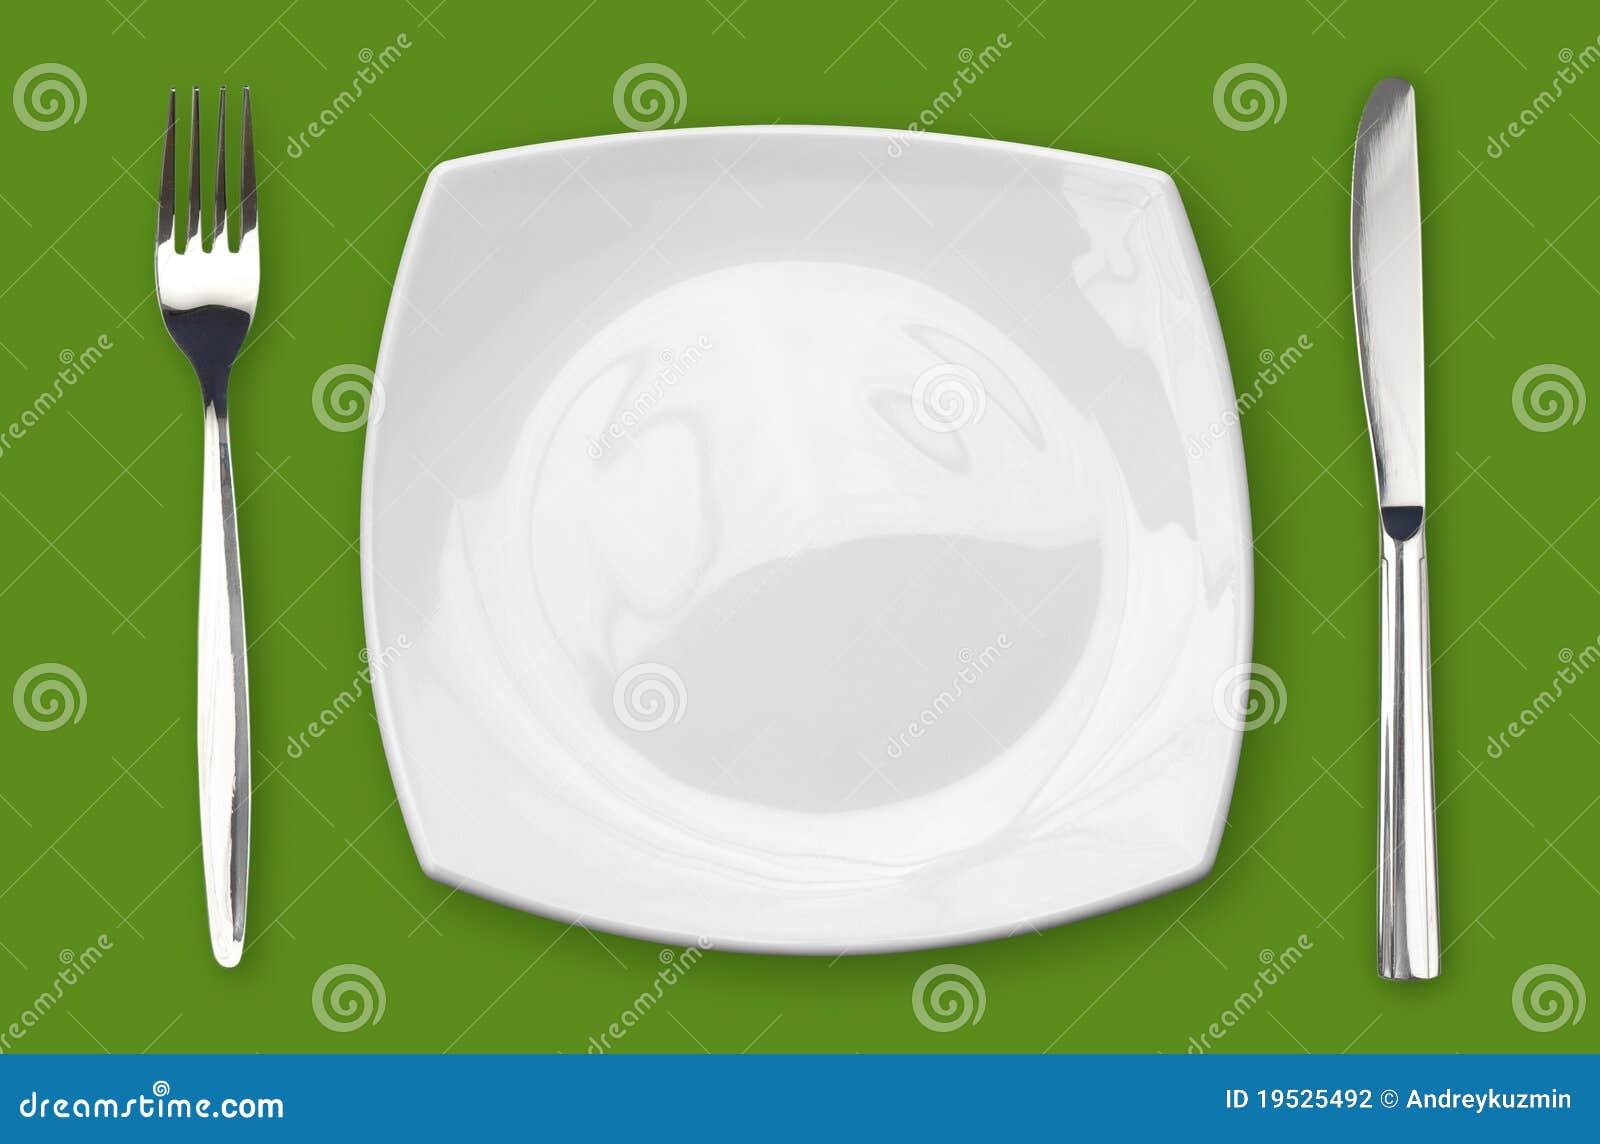 Vierkant leeg plaatvork en mes op groene lijst